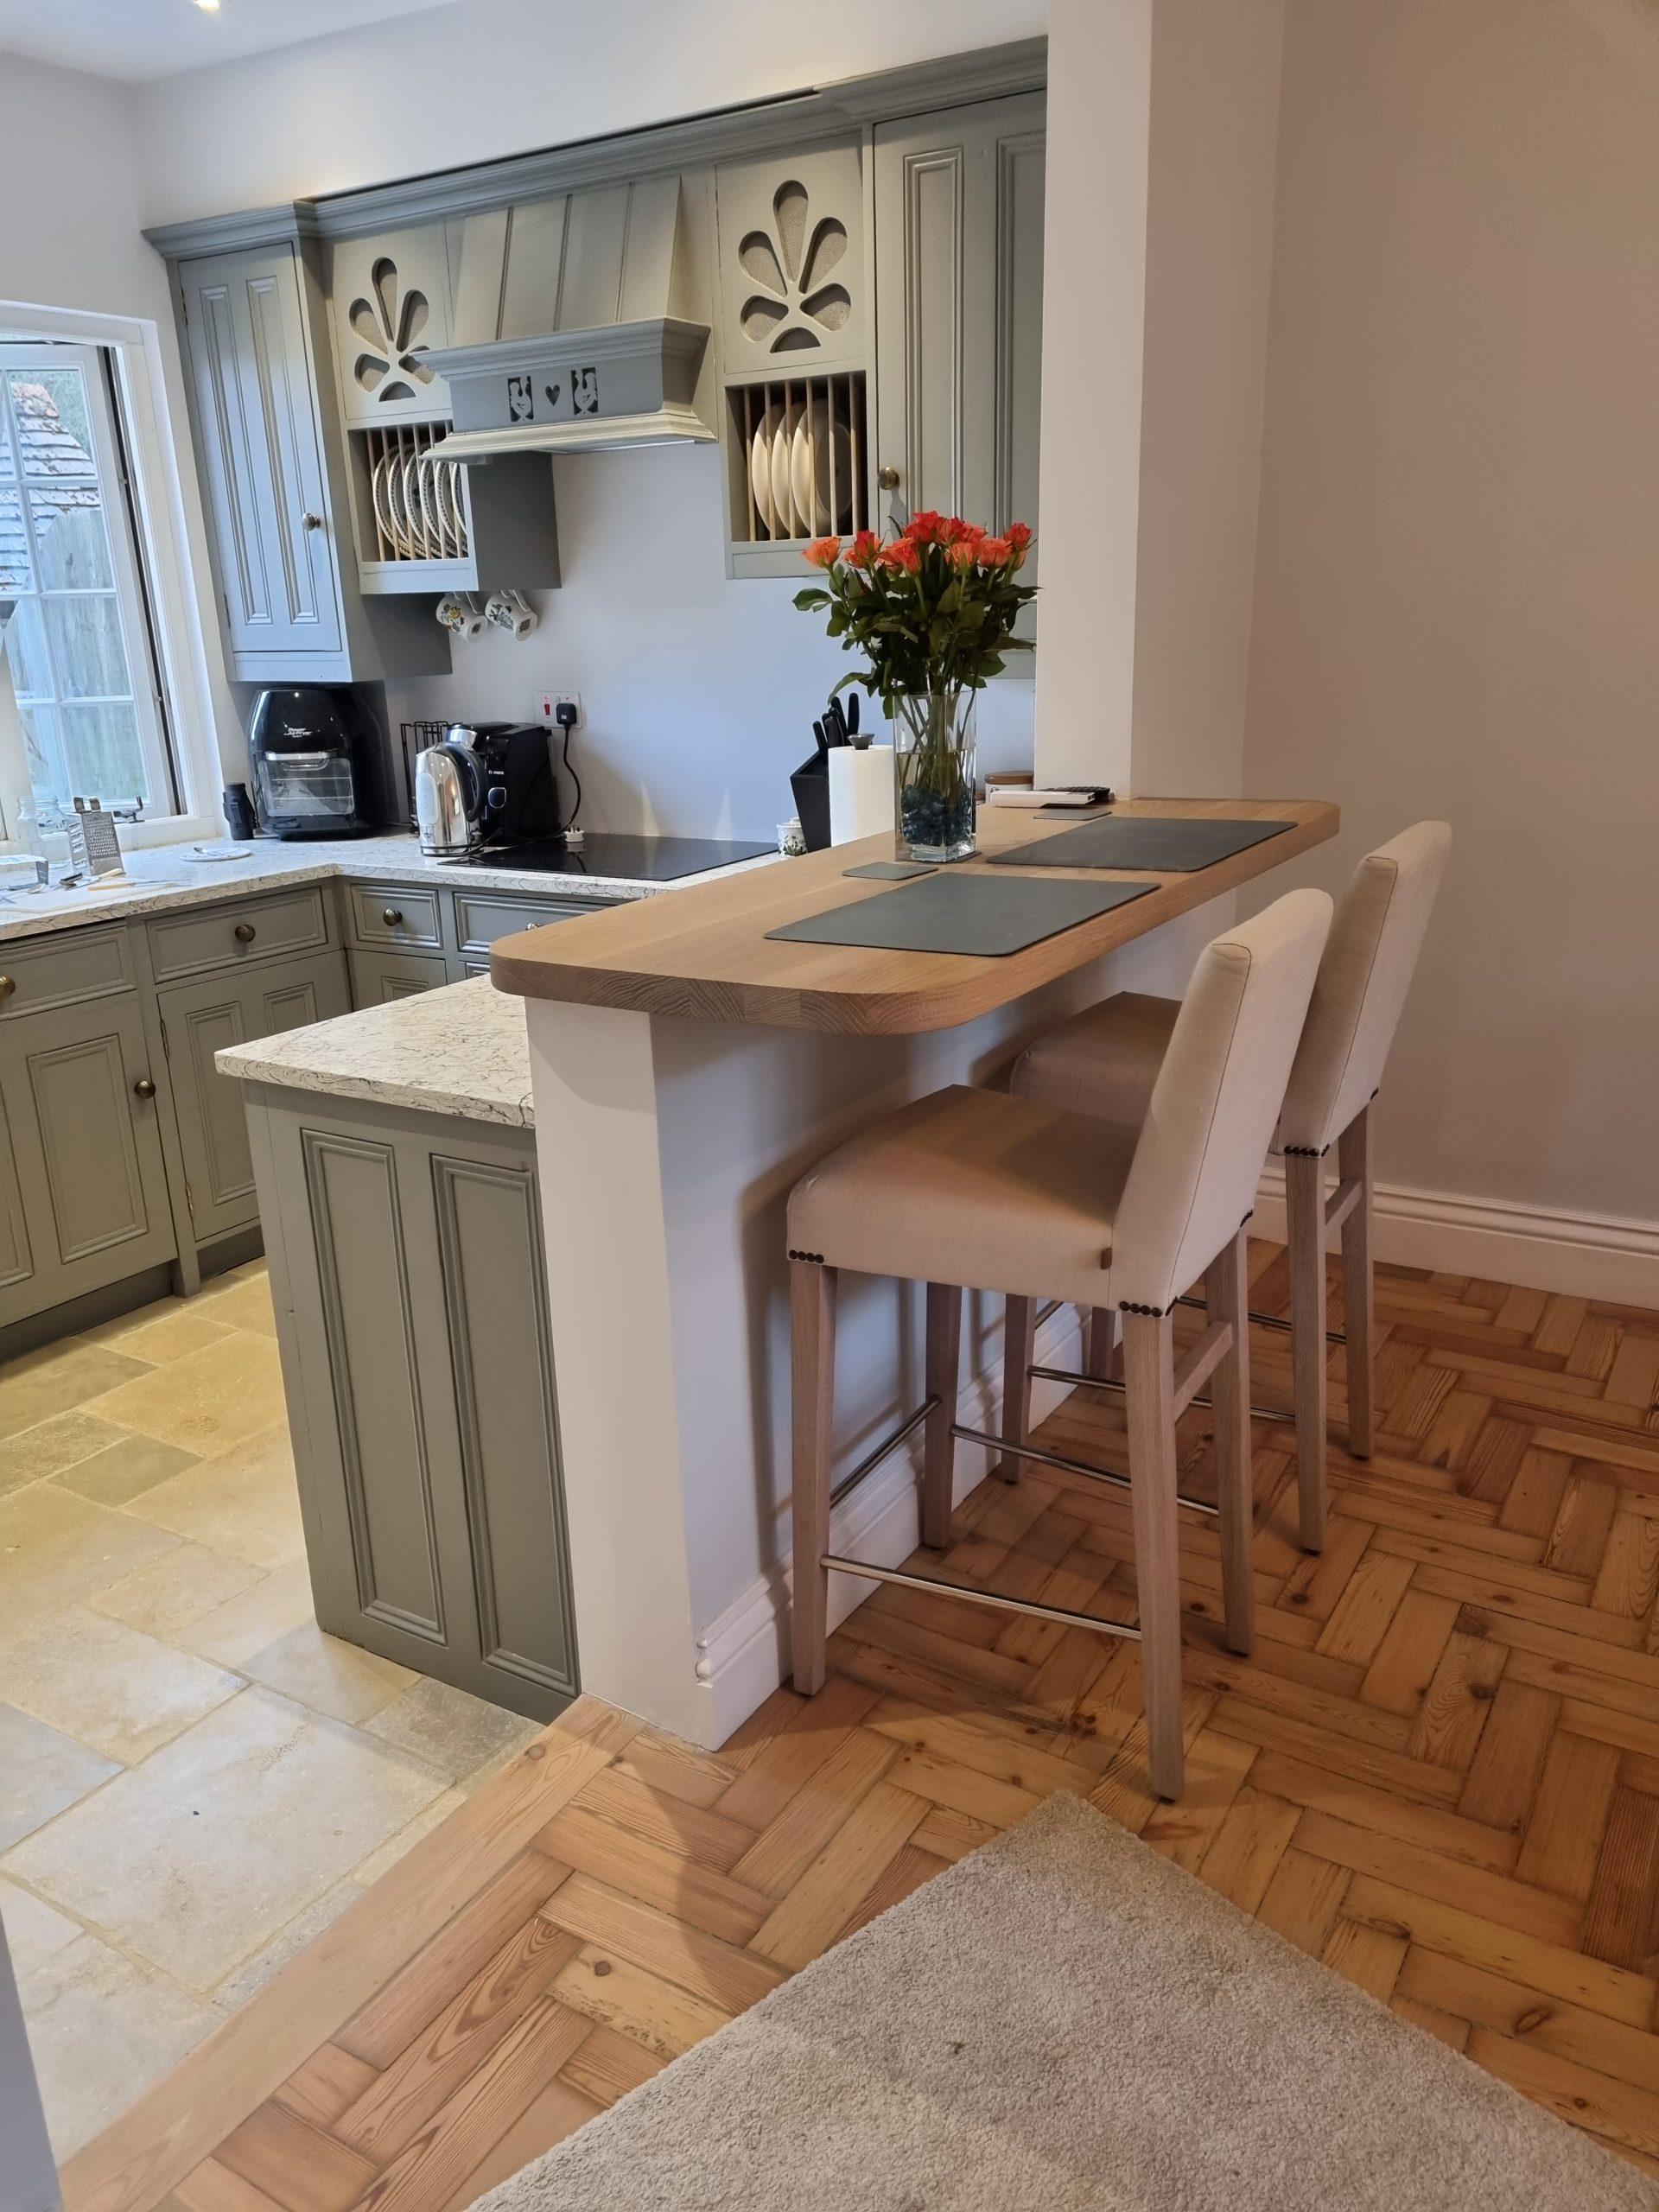 Sussex Kitchen Refurbishment 3